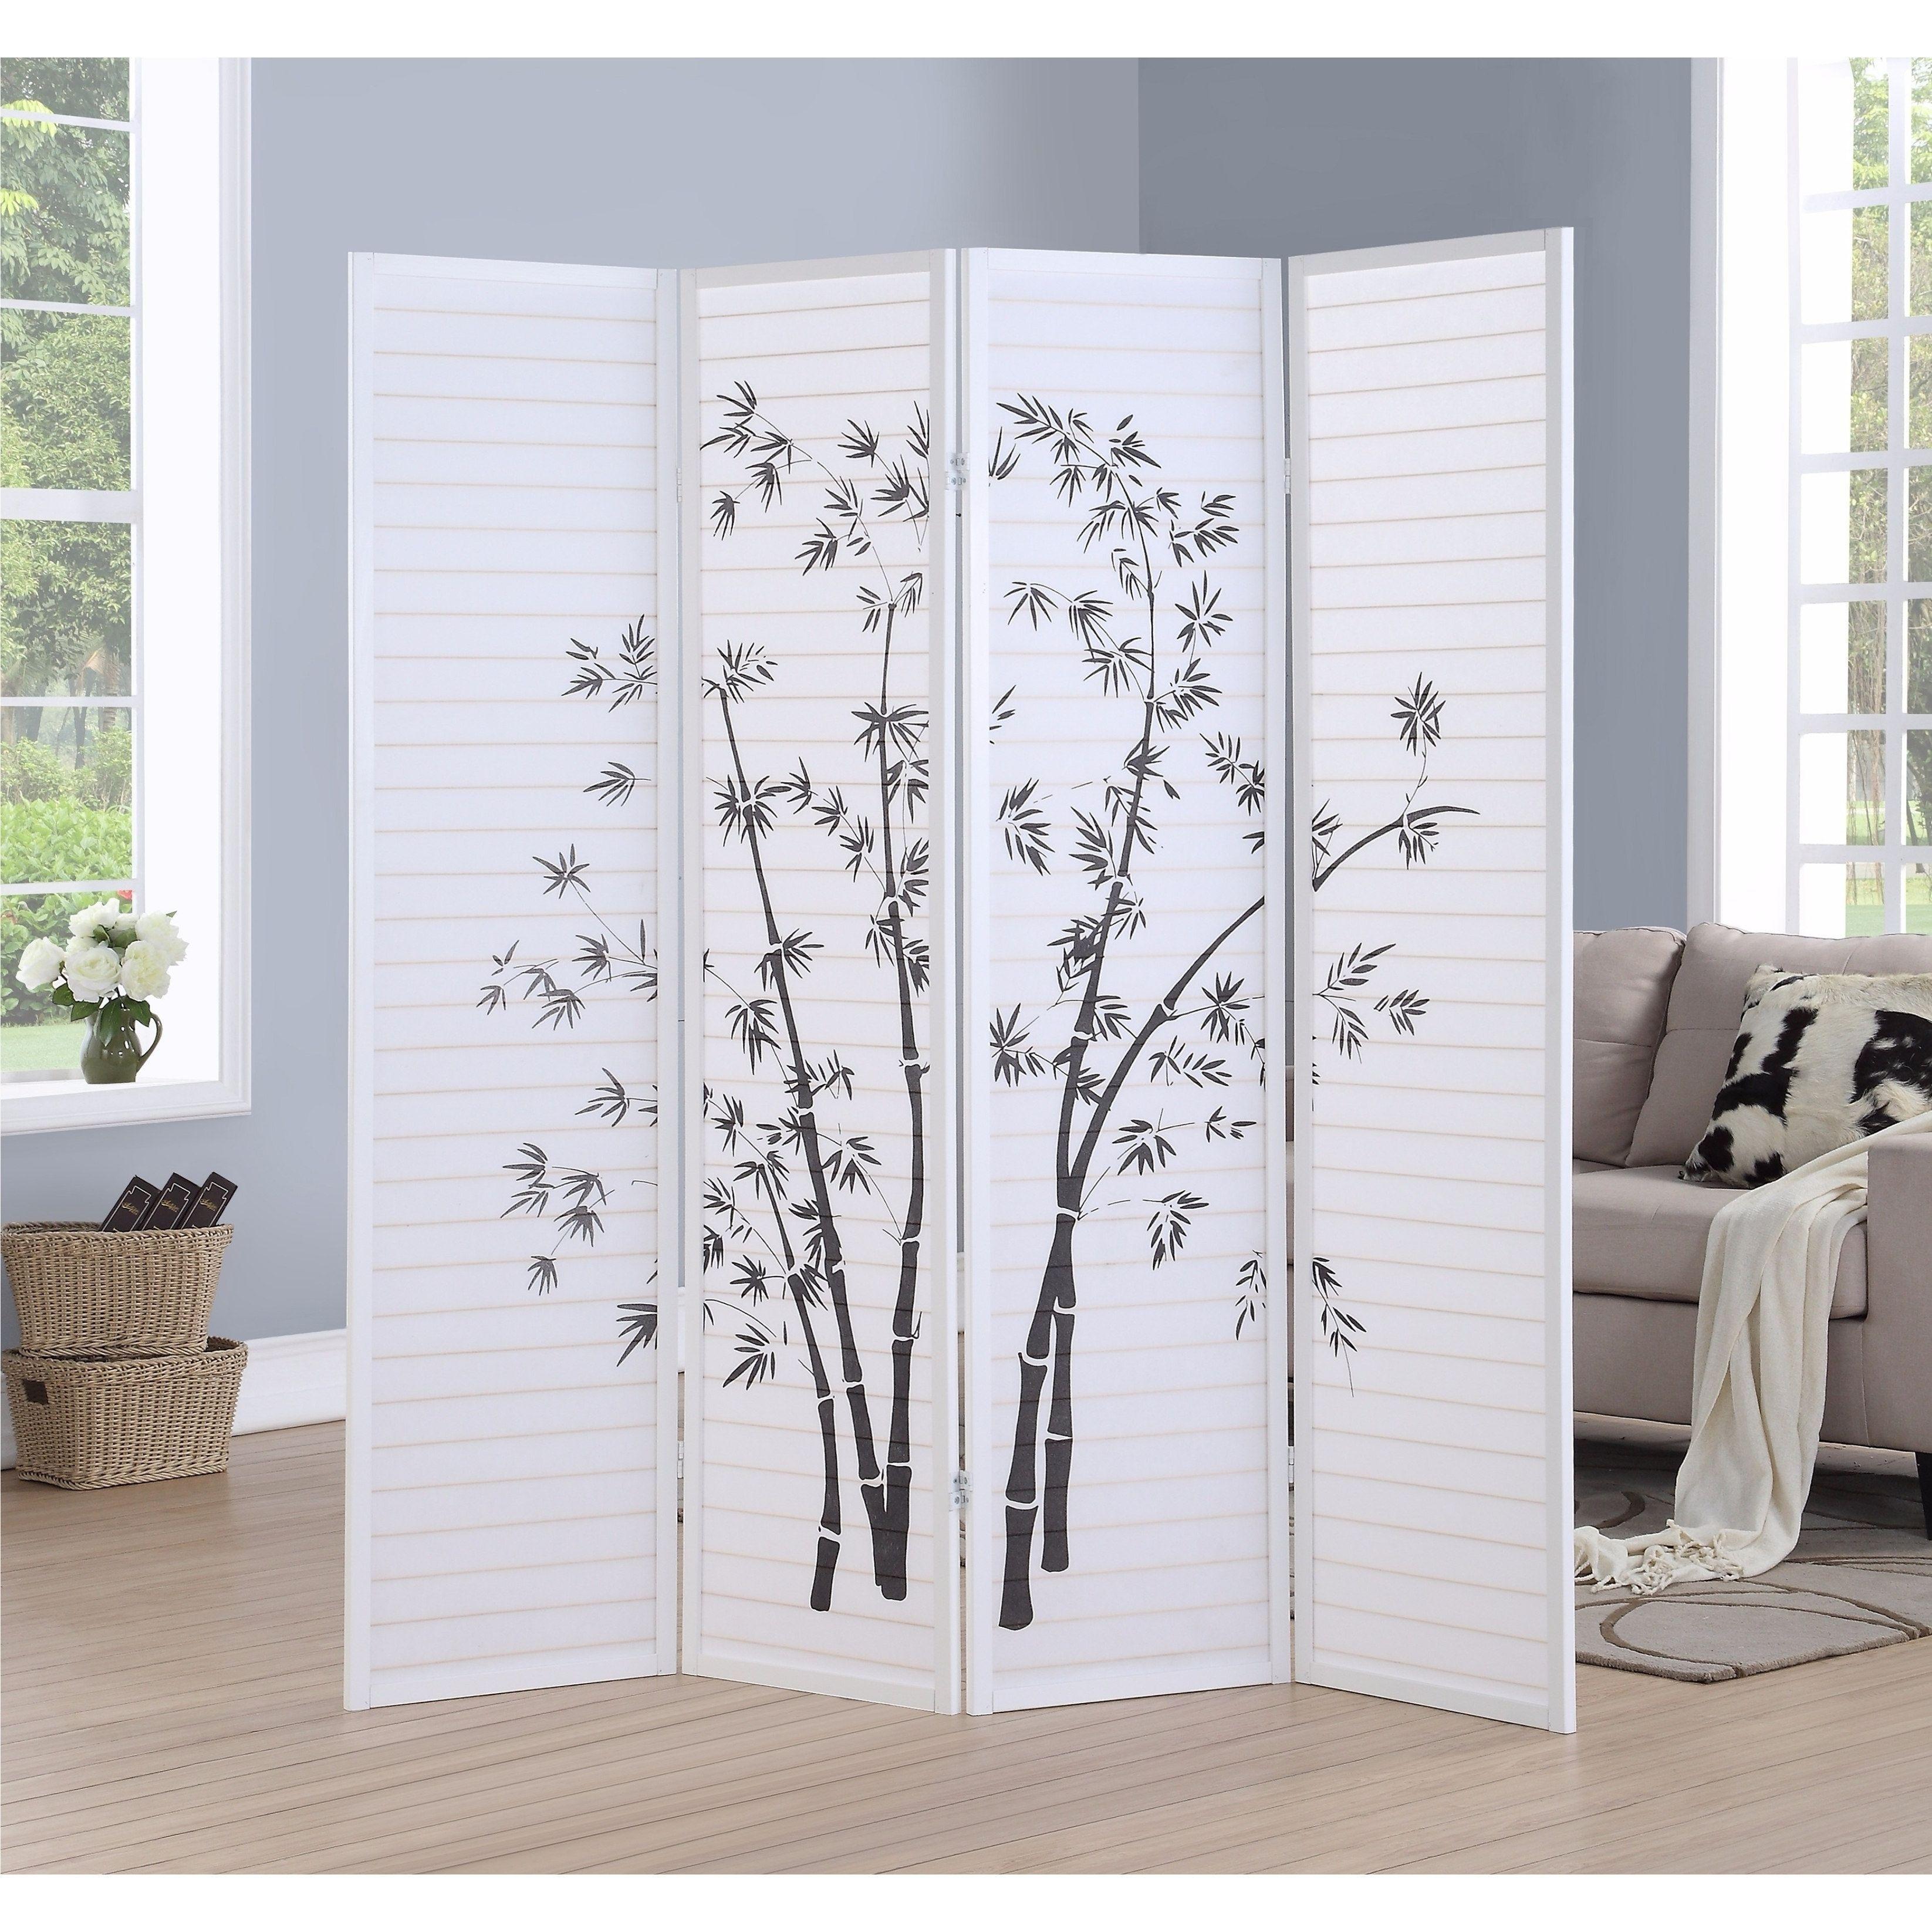 Bamboo print panel framed room screendivider white room